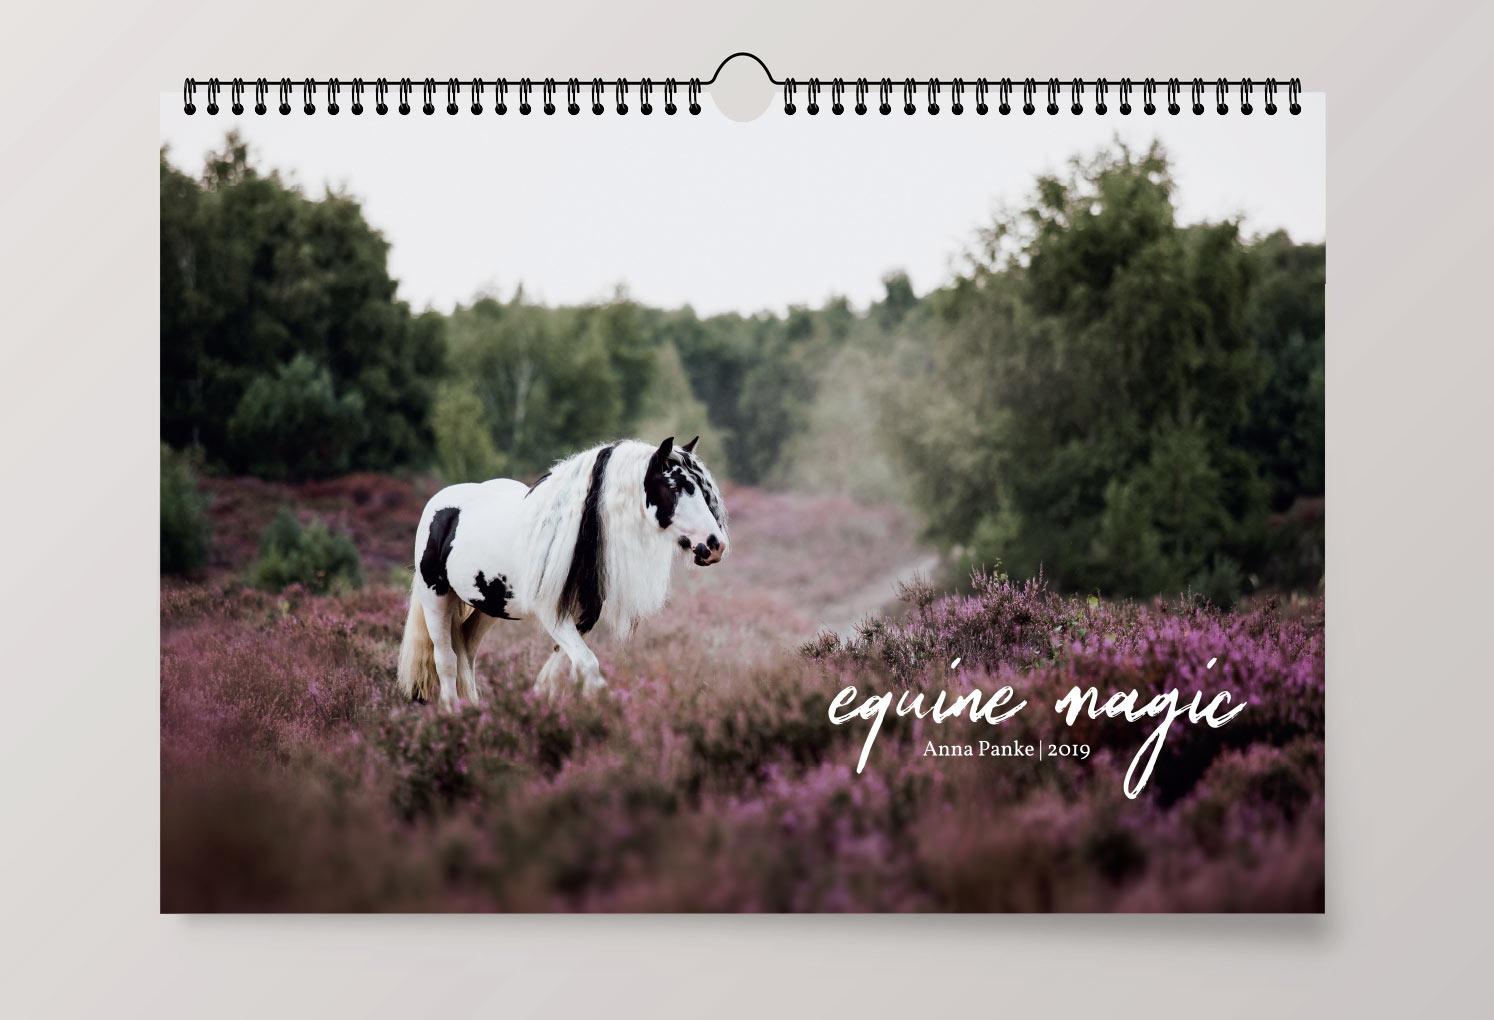 Pferdekalender 2019 - equine magic - Anna Panke - Pferdefotografin